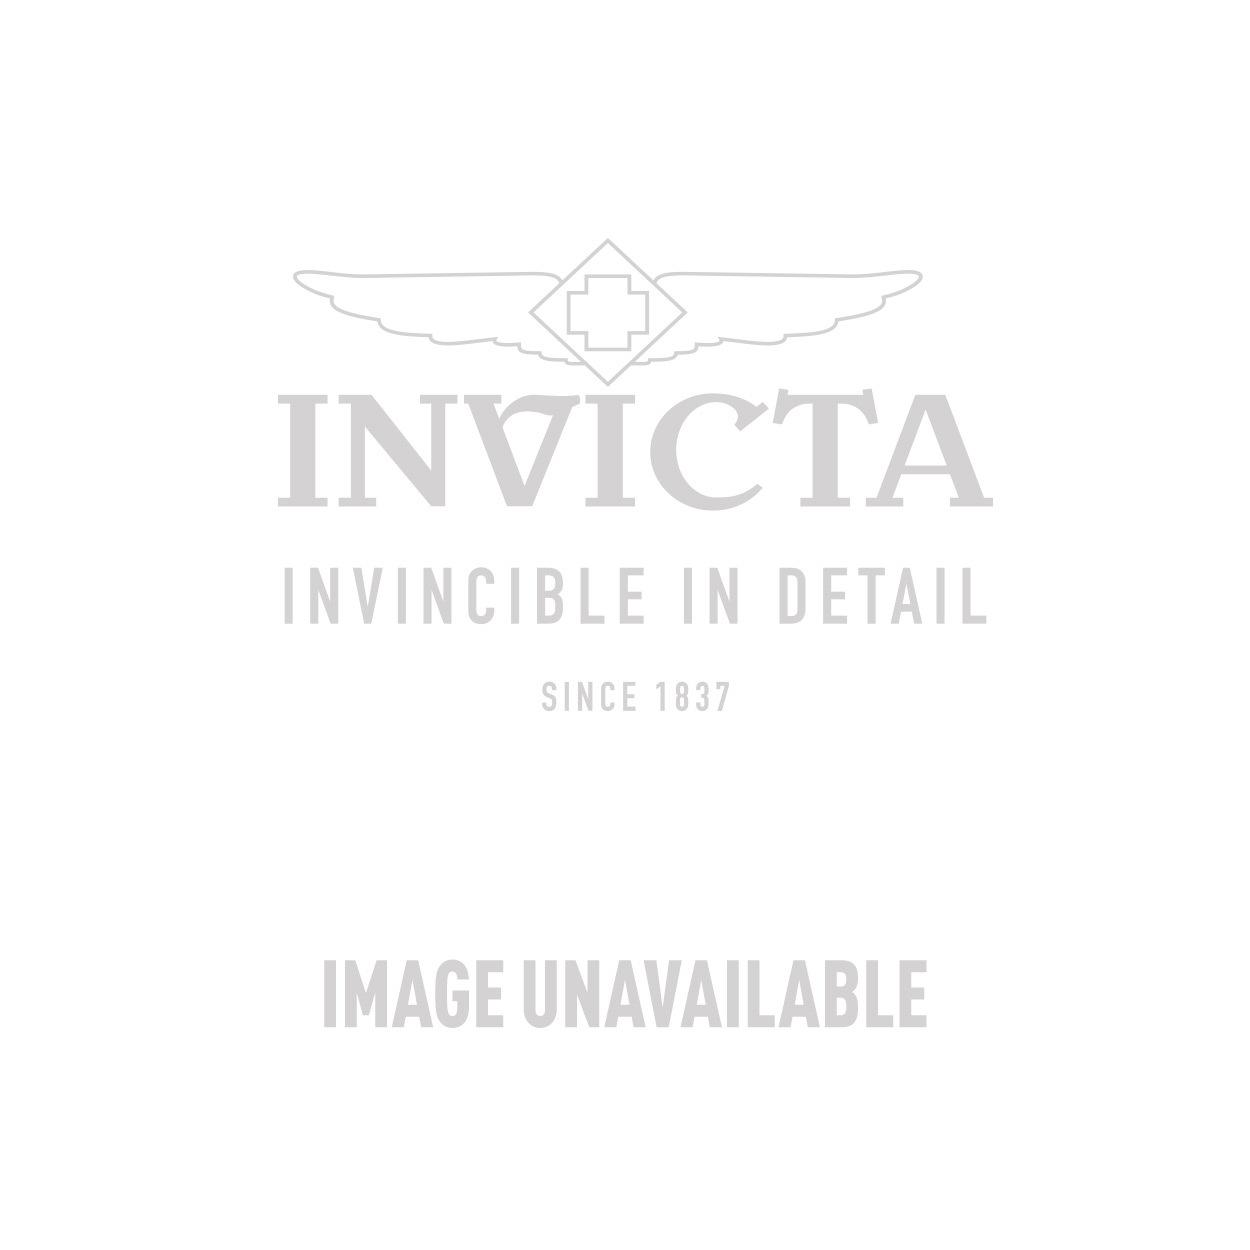 Invicta Model 24866